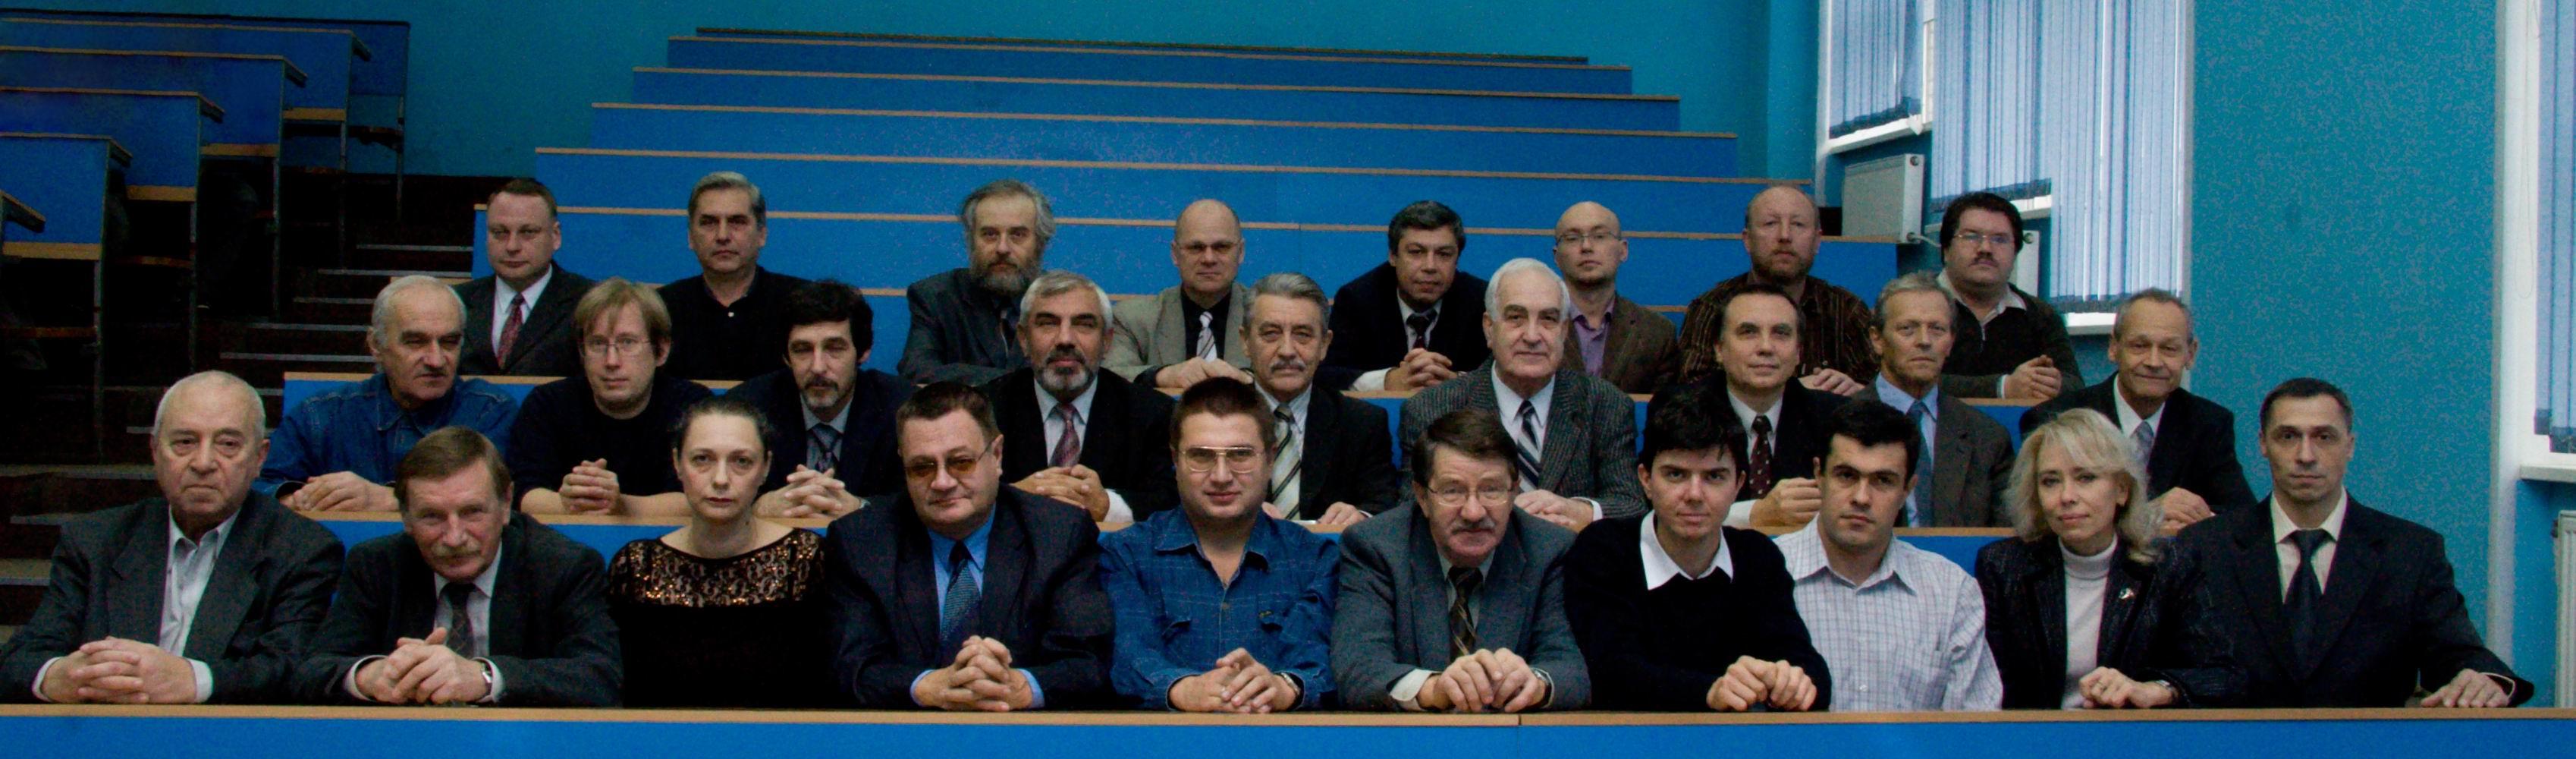 Коллектив кафедры ВТ, 2007 год - Нам 70!